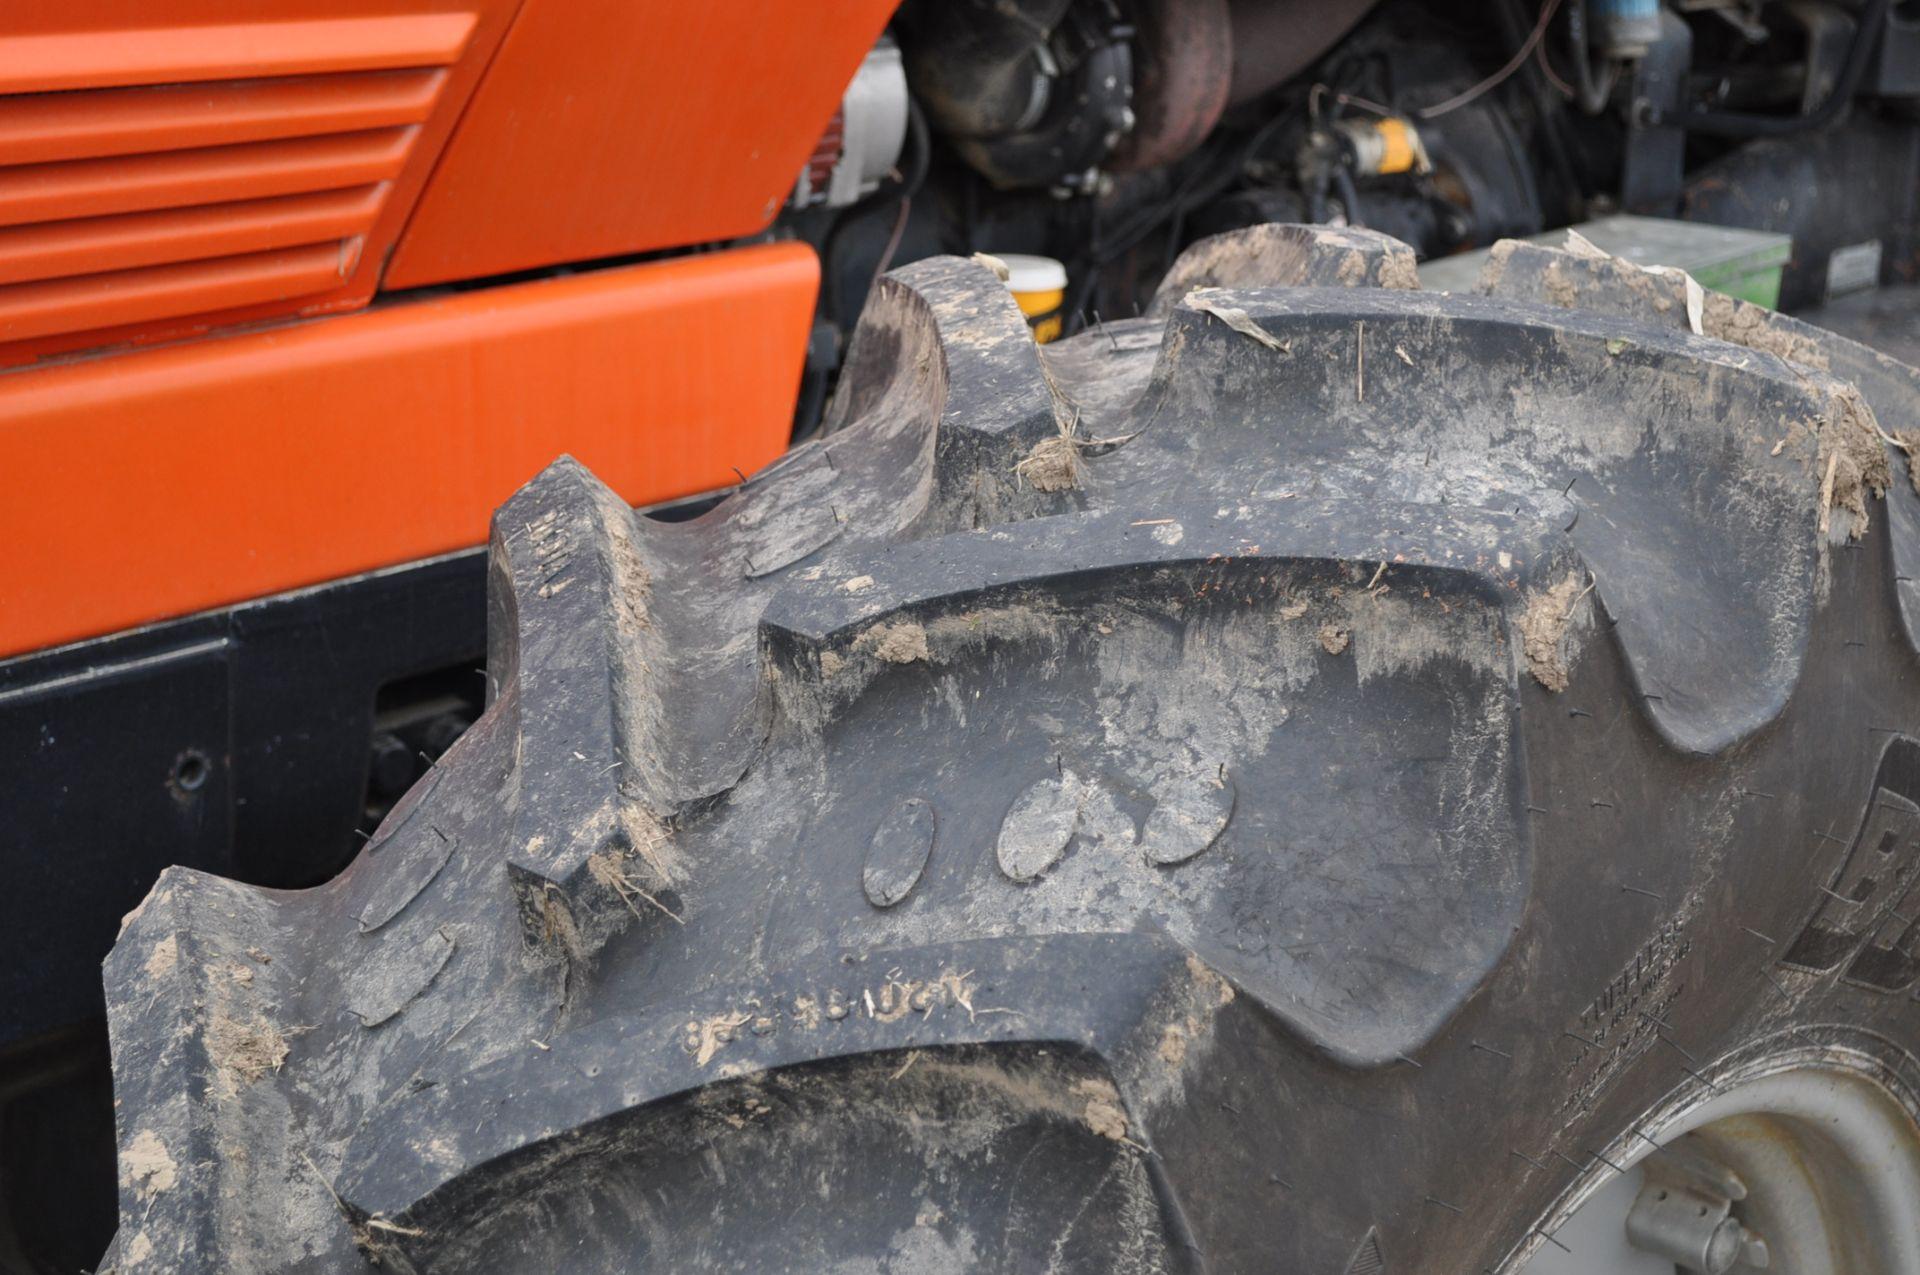 Deutz Allis 9150 tractor, MFWD, 18.4 R 42 duals, 420/85 R 28 tires, 6+3 speed range, 2 hyd - Image 5 of 20